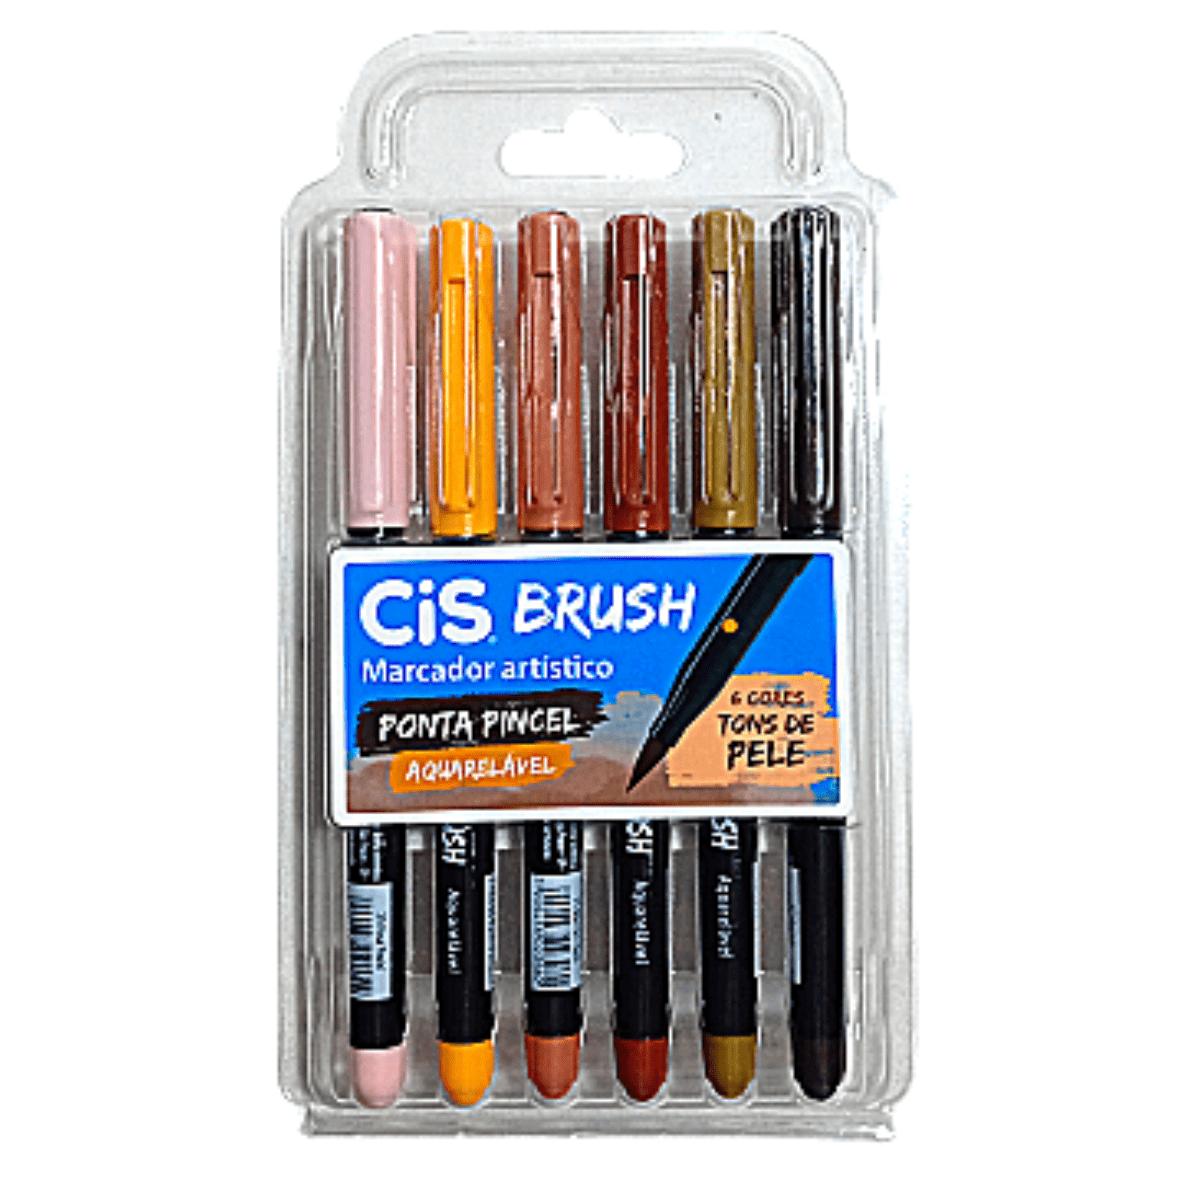 Caneta Pincel Aquelável Cis Brush Pen Tons de Pele